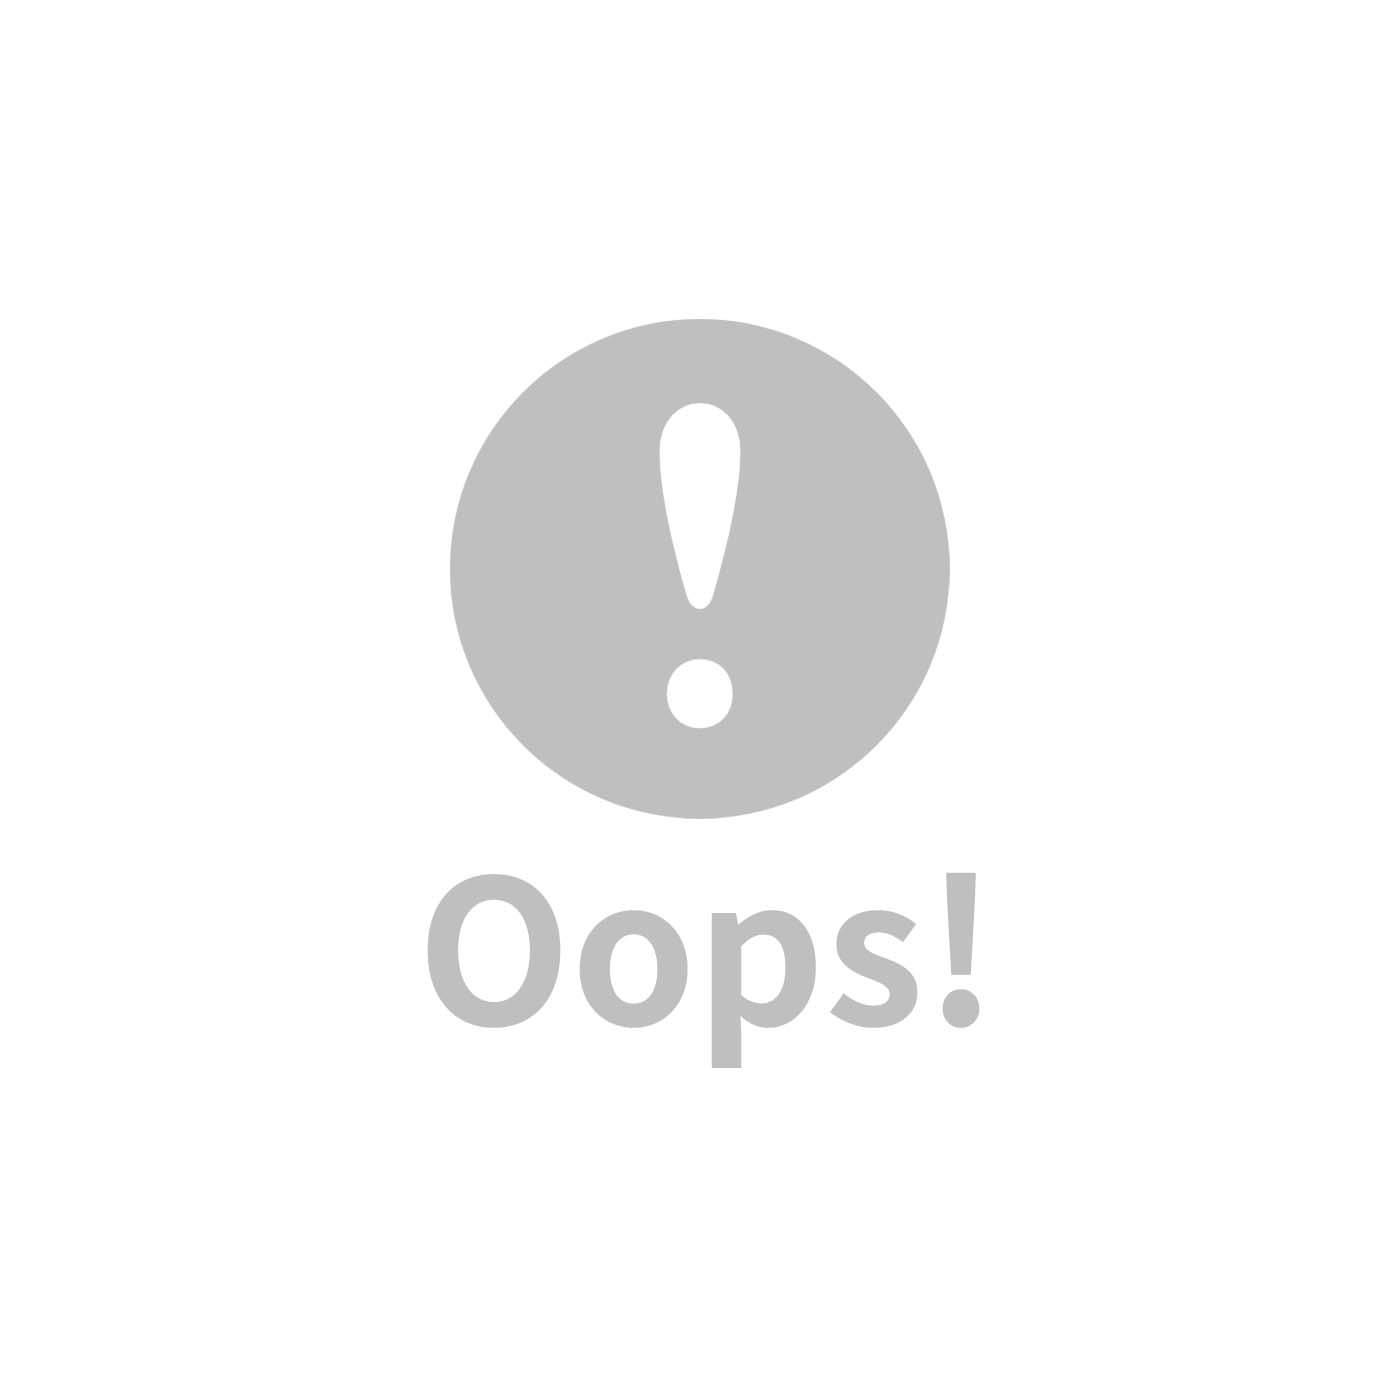 global affairs 童話手工編織安撫搖鈴_飛機系列(星空灰)